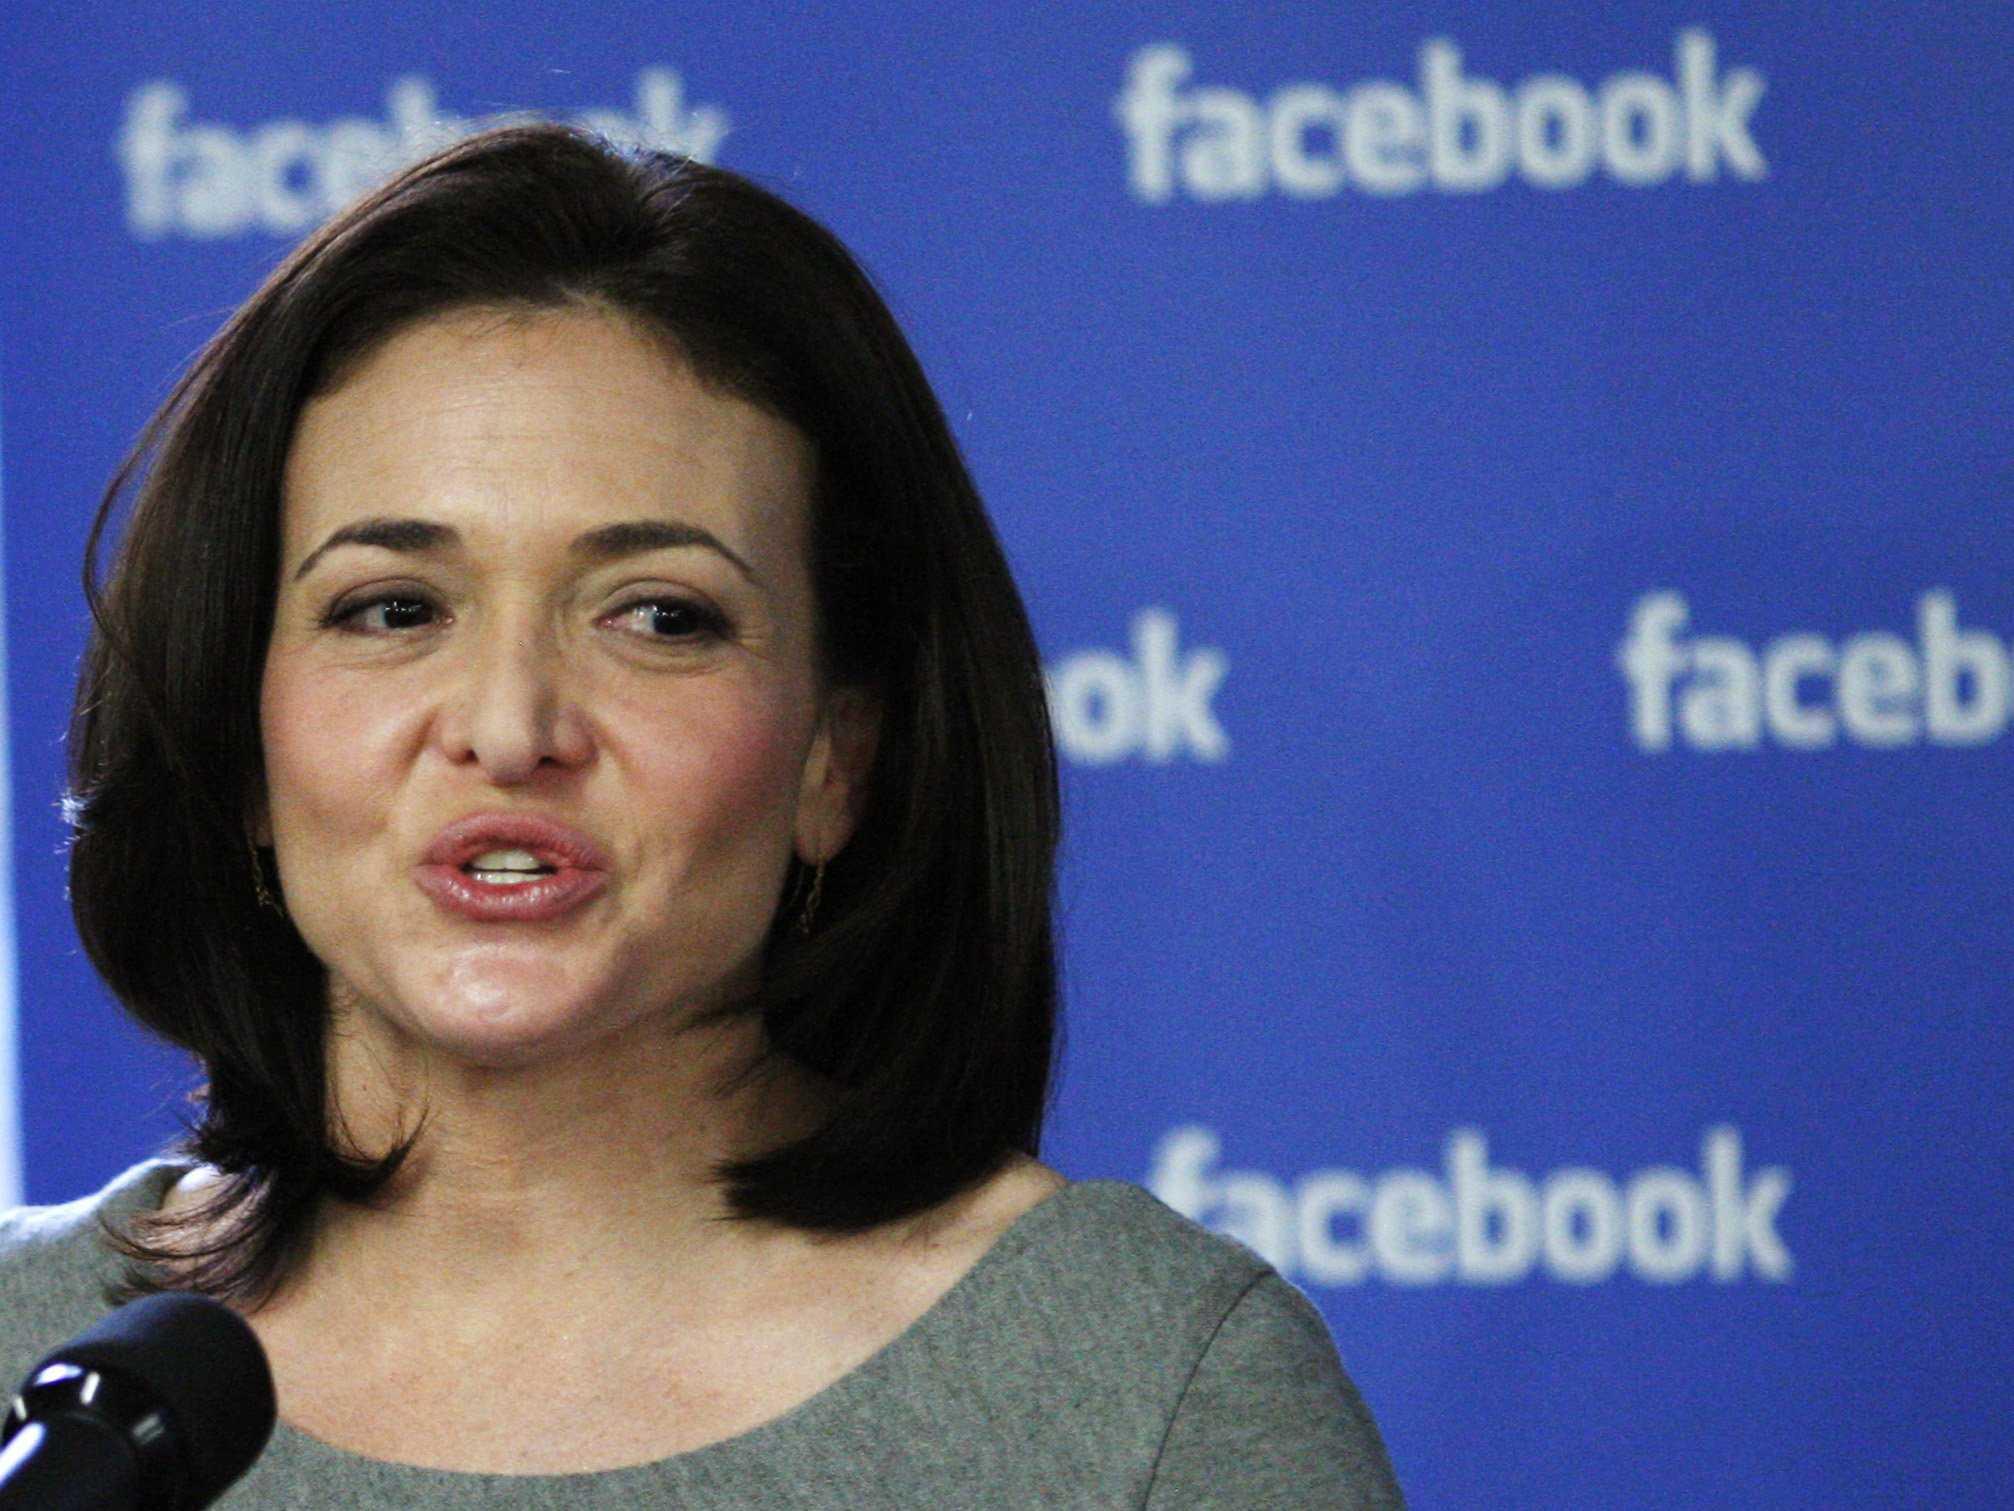 شيريل ساندبرج مديرة عمليات فيس بوك